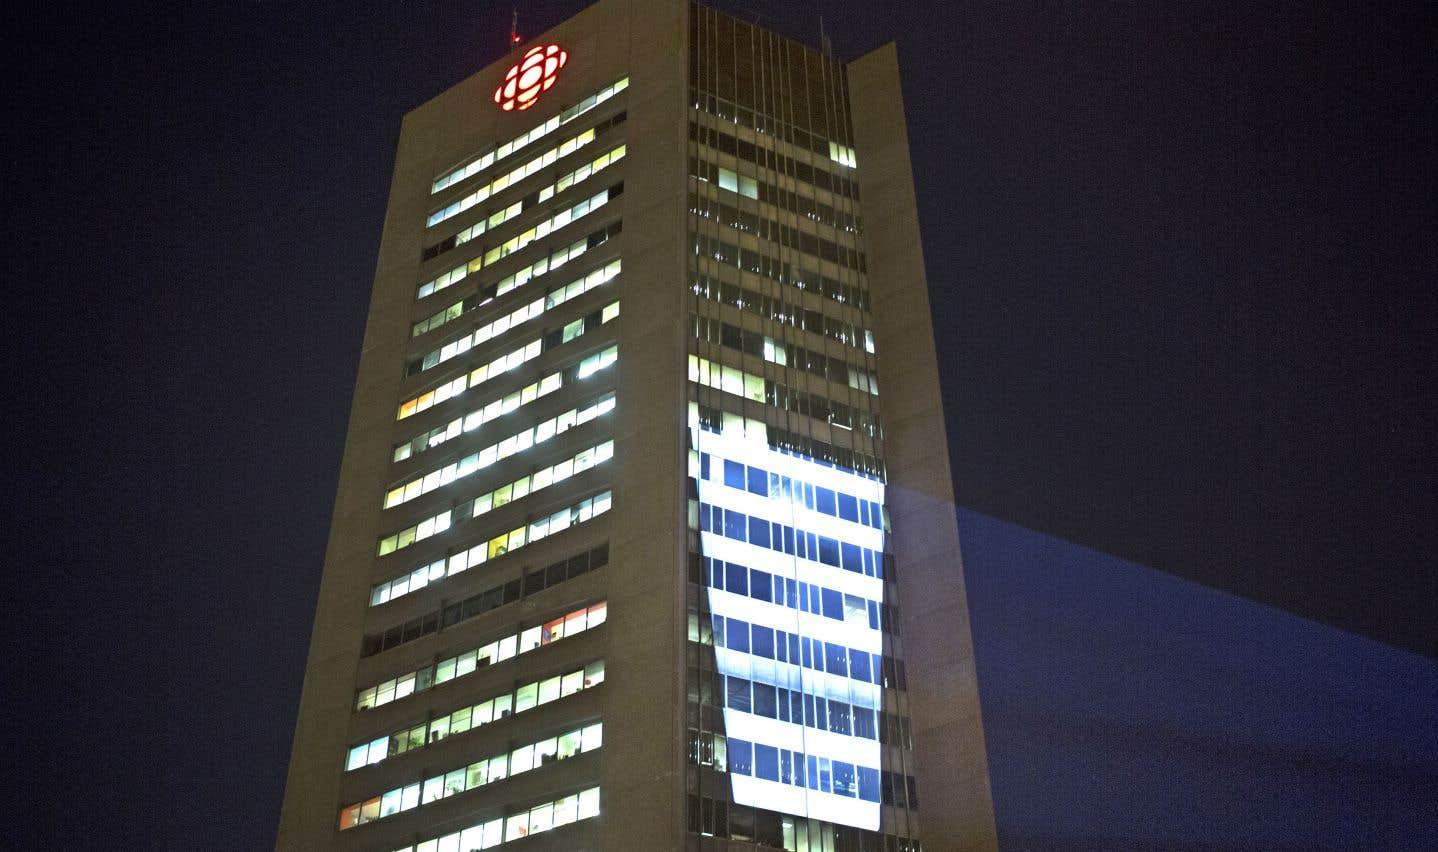 Une publicité des Producteurs de lait du Québec a été projetée lundi soir sur un des murs extérieurs de la grande tour de Radio-Canada, à Montréal.